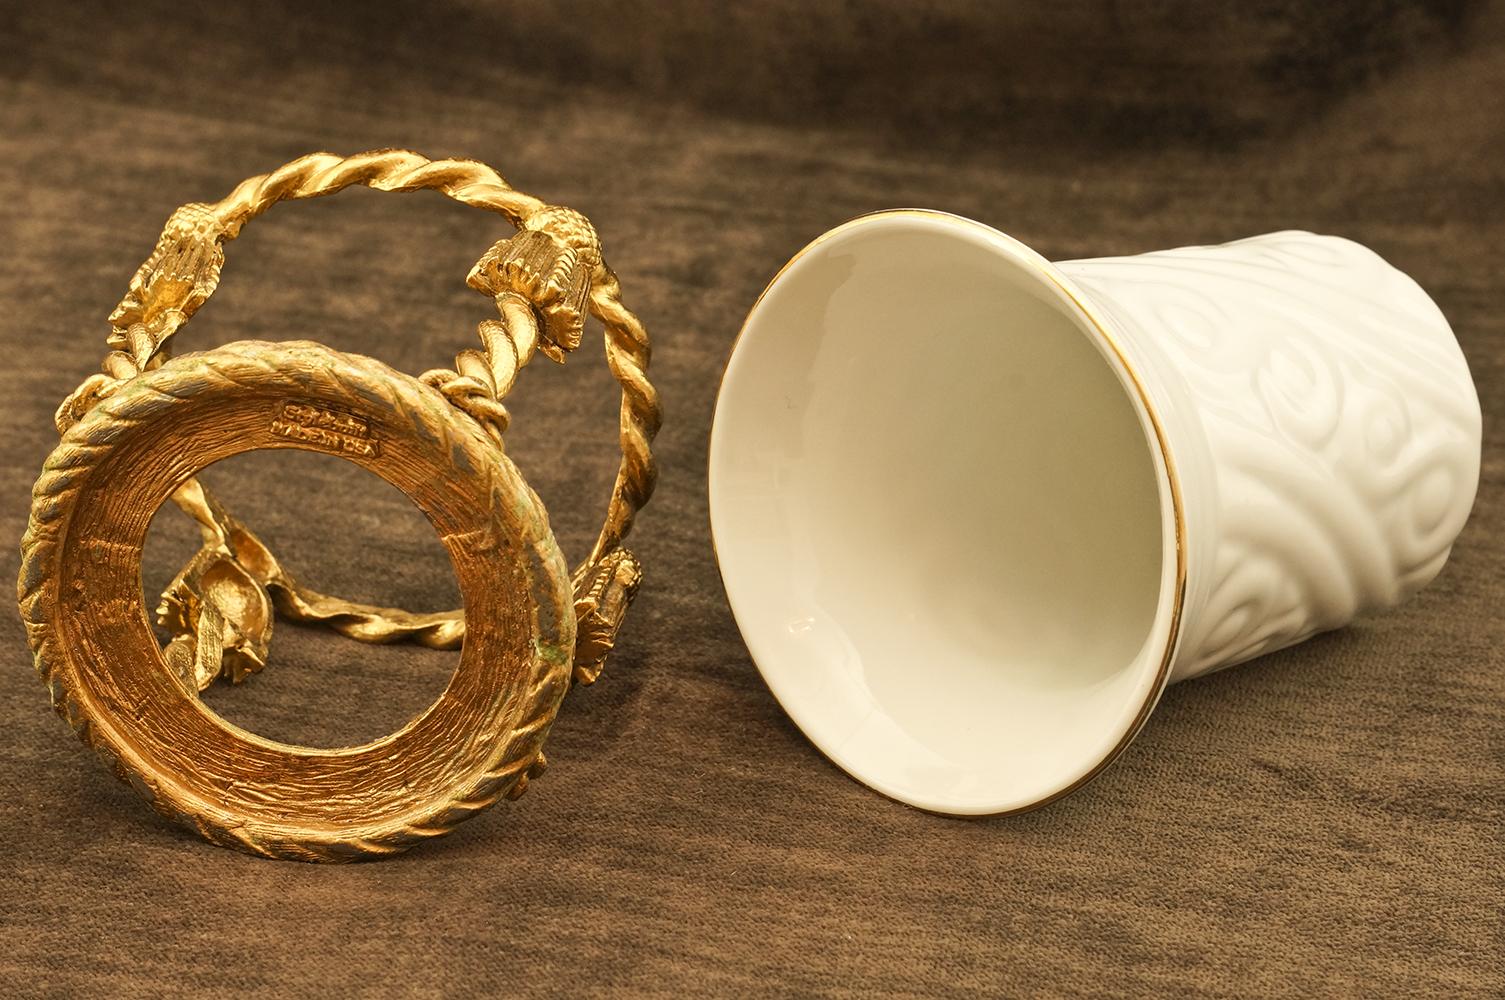 スタイルビルト製 ゴールド 陶器 ロープ タンブラーホールダー 外した状態